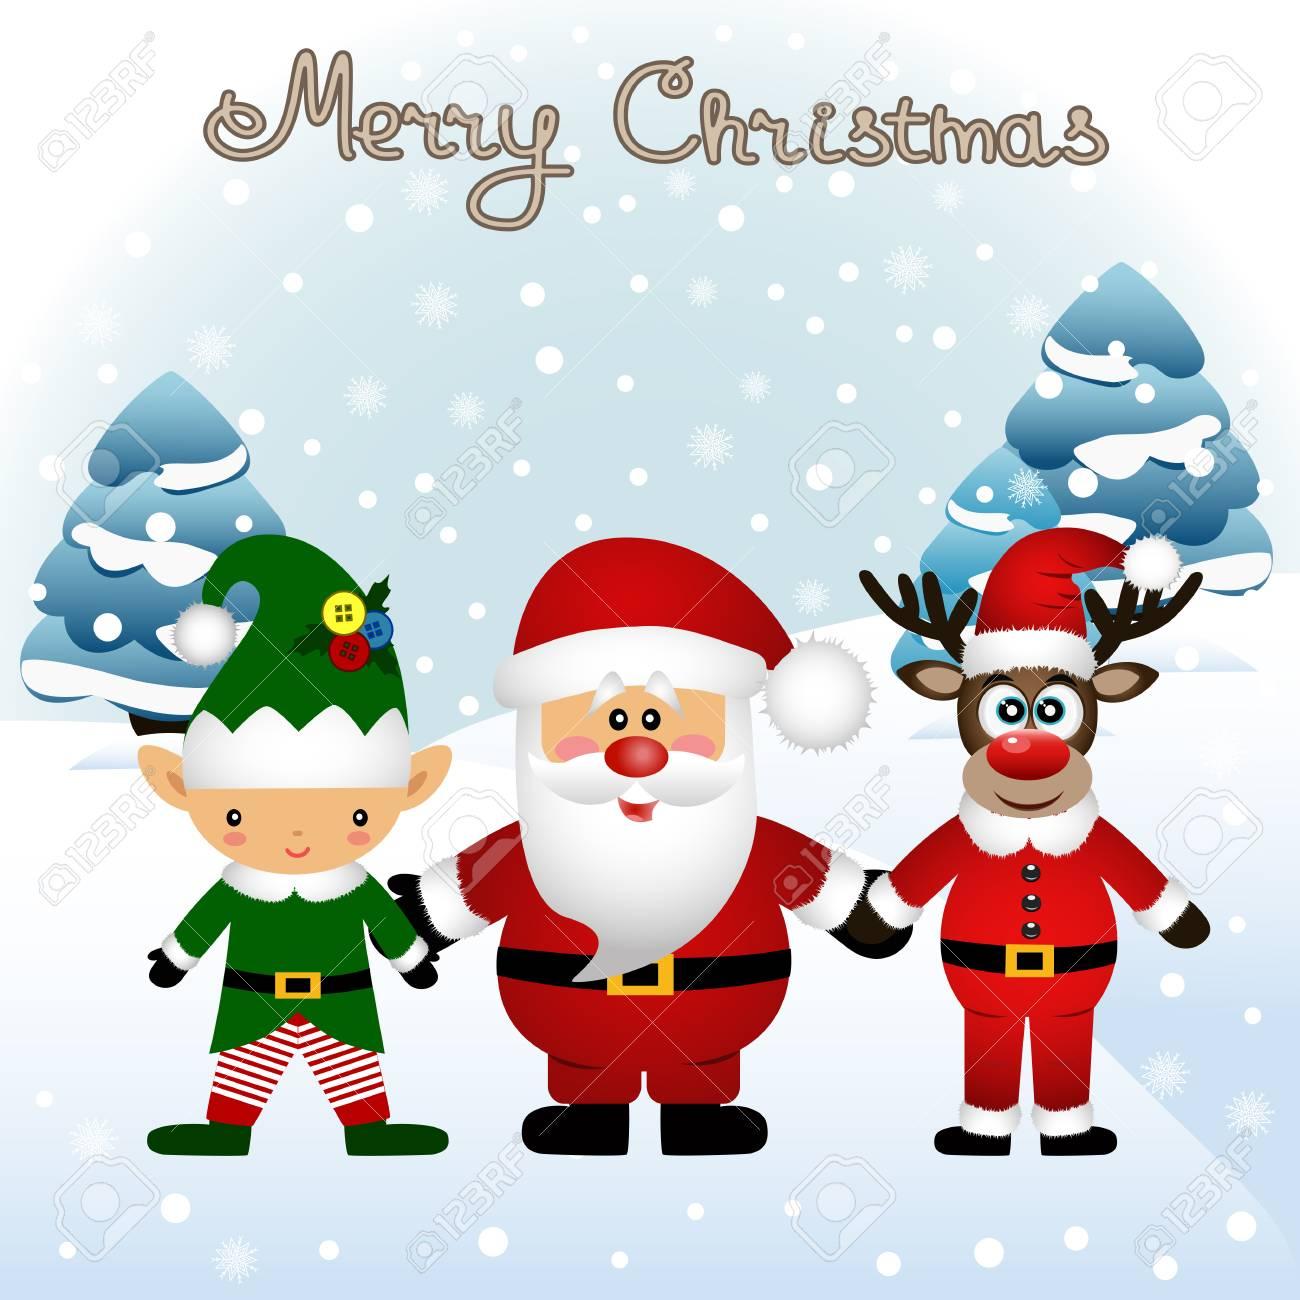 Carte De Noël. Carte Postale Drôle Avec L'elfe De Noël, Le Renne